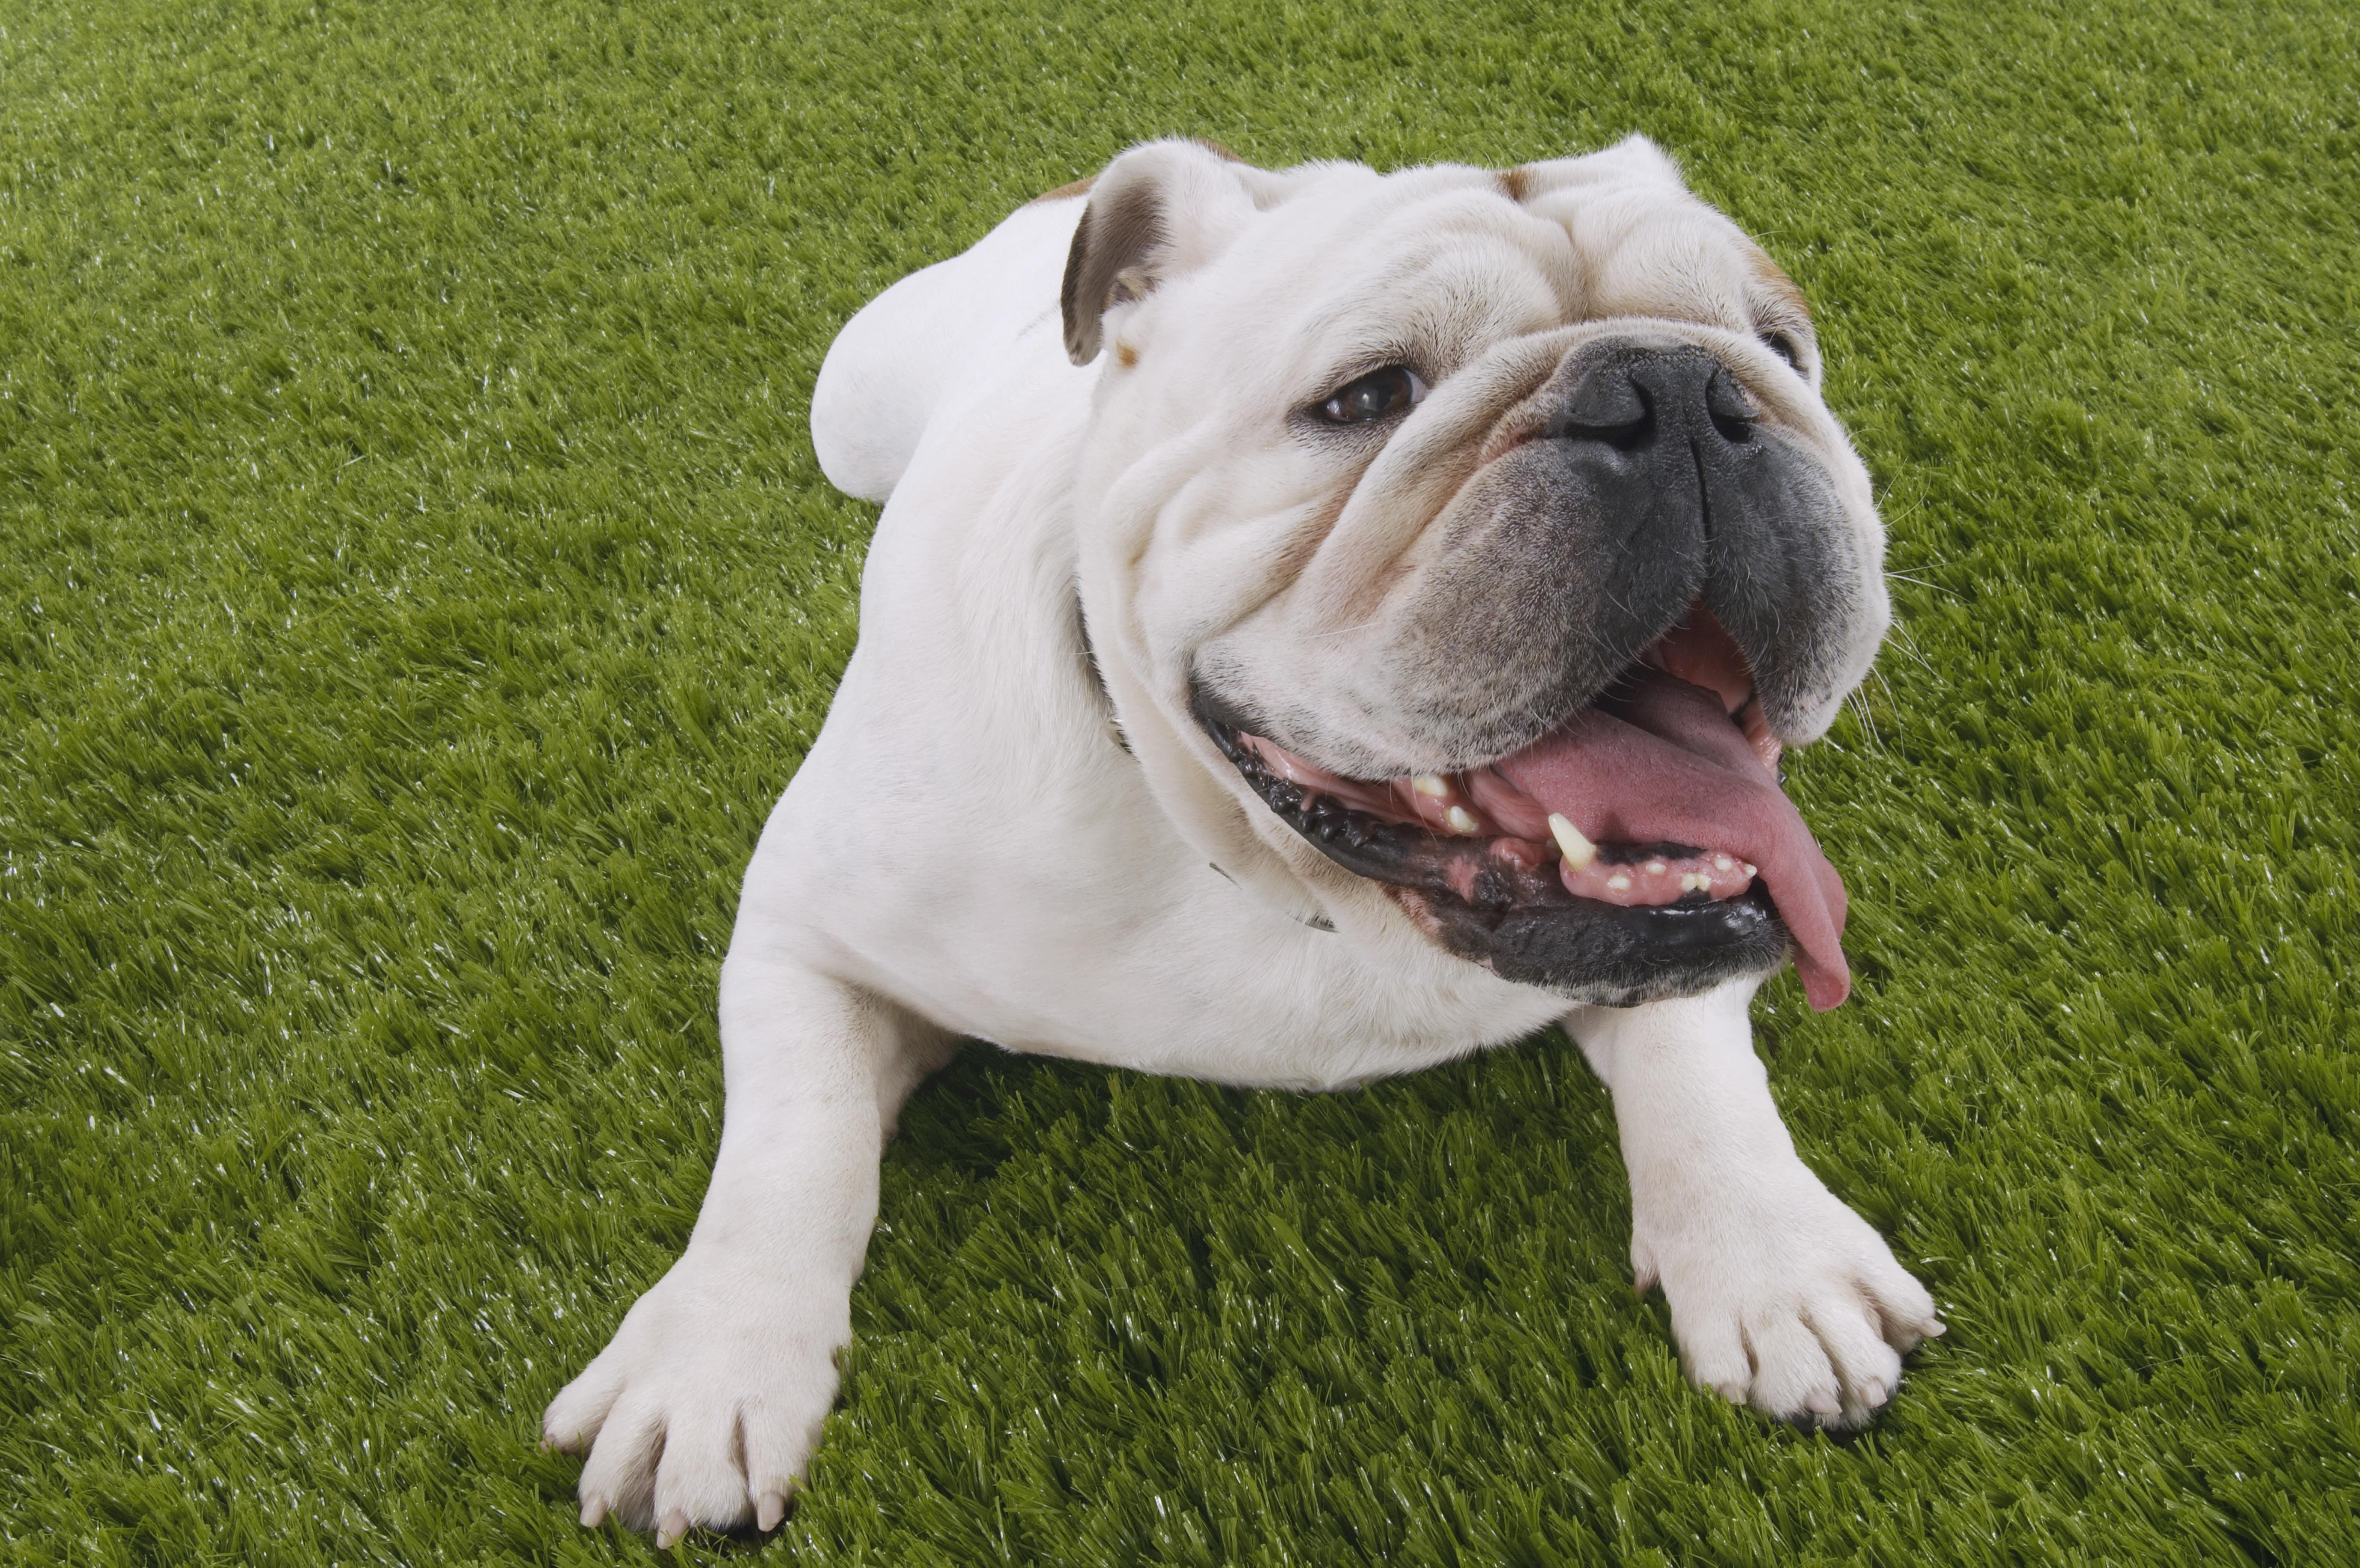 עיקור כלבה – האם היא סובלת?